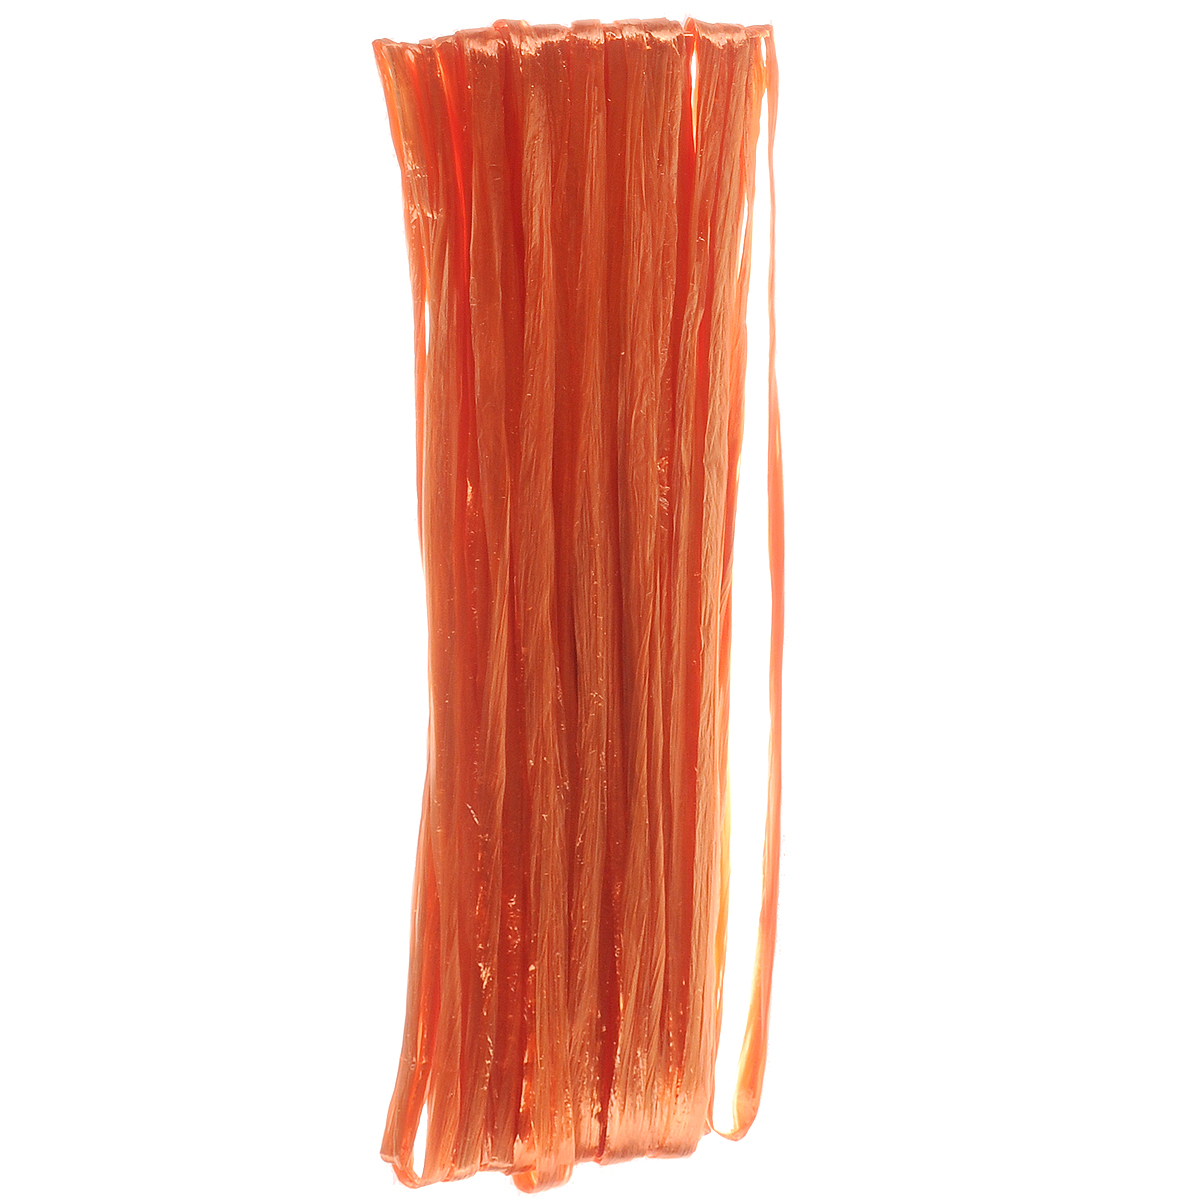 Рафия Hobby Time, цвет: оранжевый (443), длина 20 м318260Рафия Hobby Time, изготовленная из бумаги, широко применяется для упаковки подарков, оформления цветочных композиций. Бумажная рафия так же подойдет и в декоре работ в стиле скрапбукинг. Из нее можно изготовить оригинальные цветочные композиции. Расправьте рафию и вы получите широкую бумажную и мягкую ленту. Рукодельницы используют рафию вместо бумаги или в качестве декоративных лент для упаковки подарков. Например, окрашенную в разные цвета, рафию можно использовать в качестве ленты для украшения подарочных коробочек. Длина: 20 м.